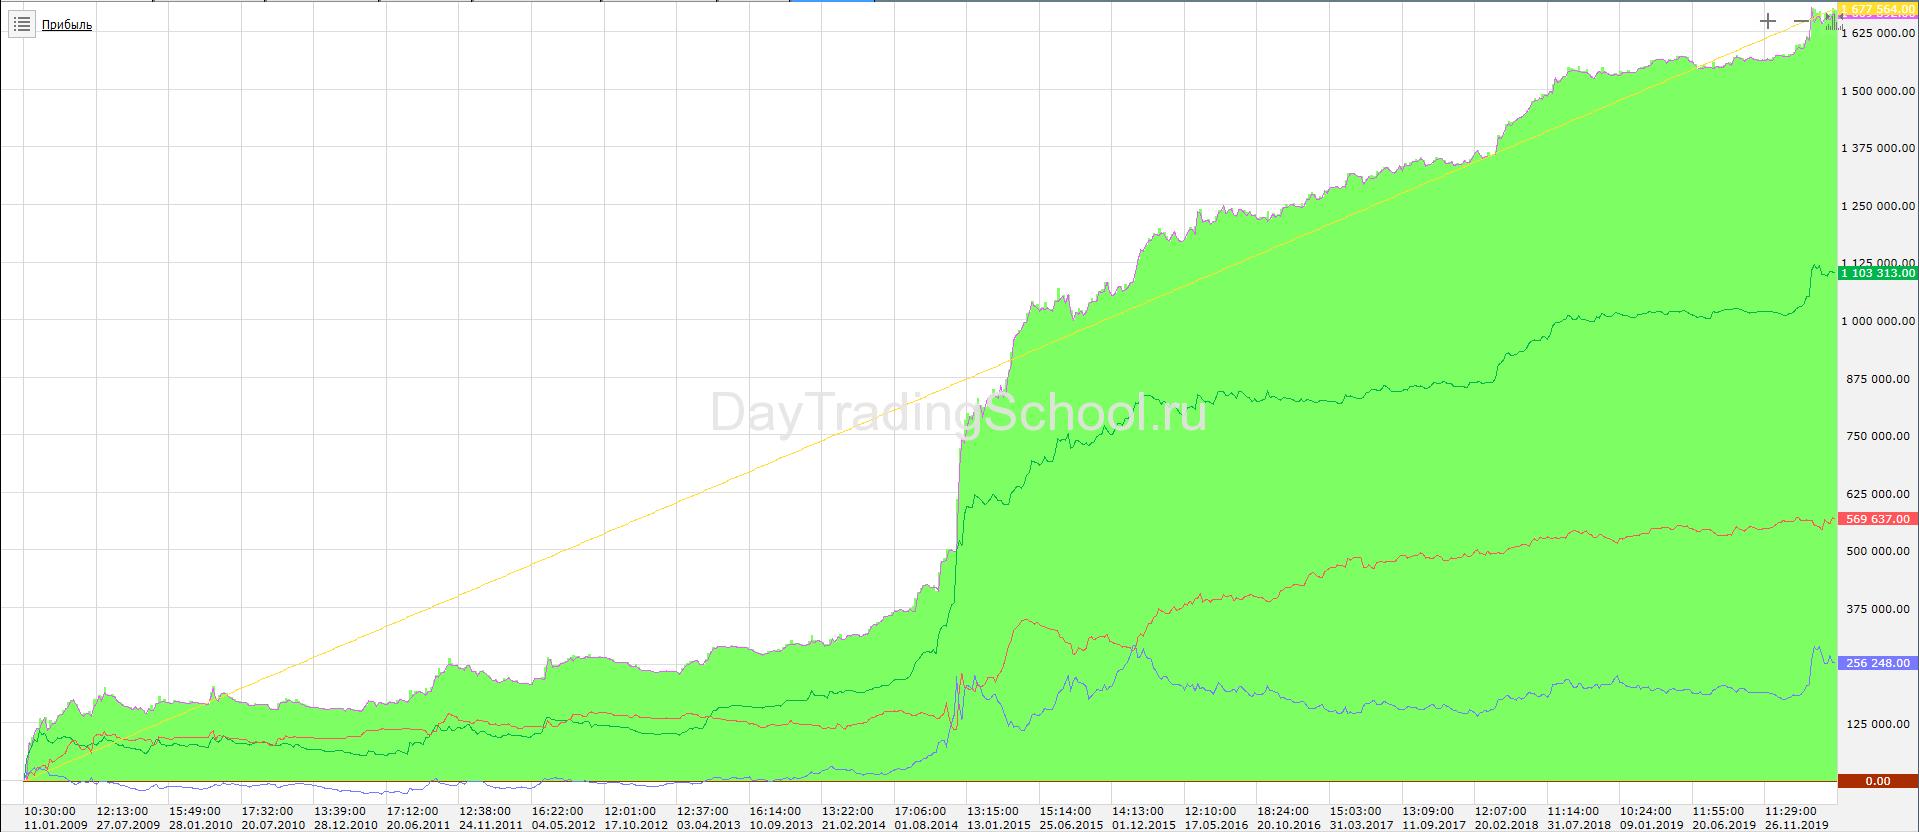 Спартак-доход-2009-2020-Вар3